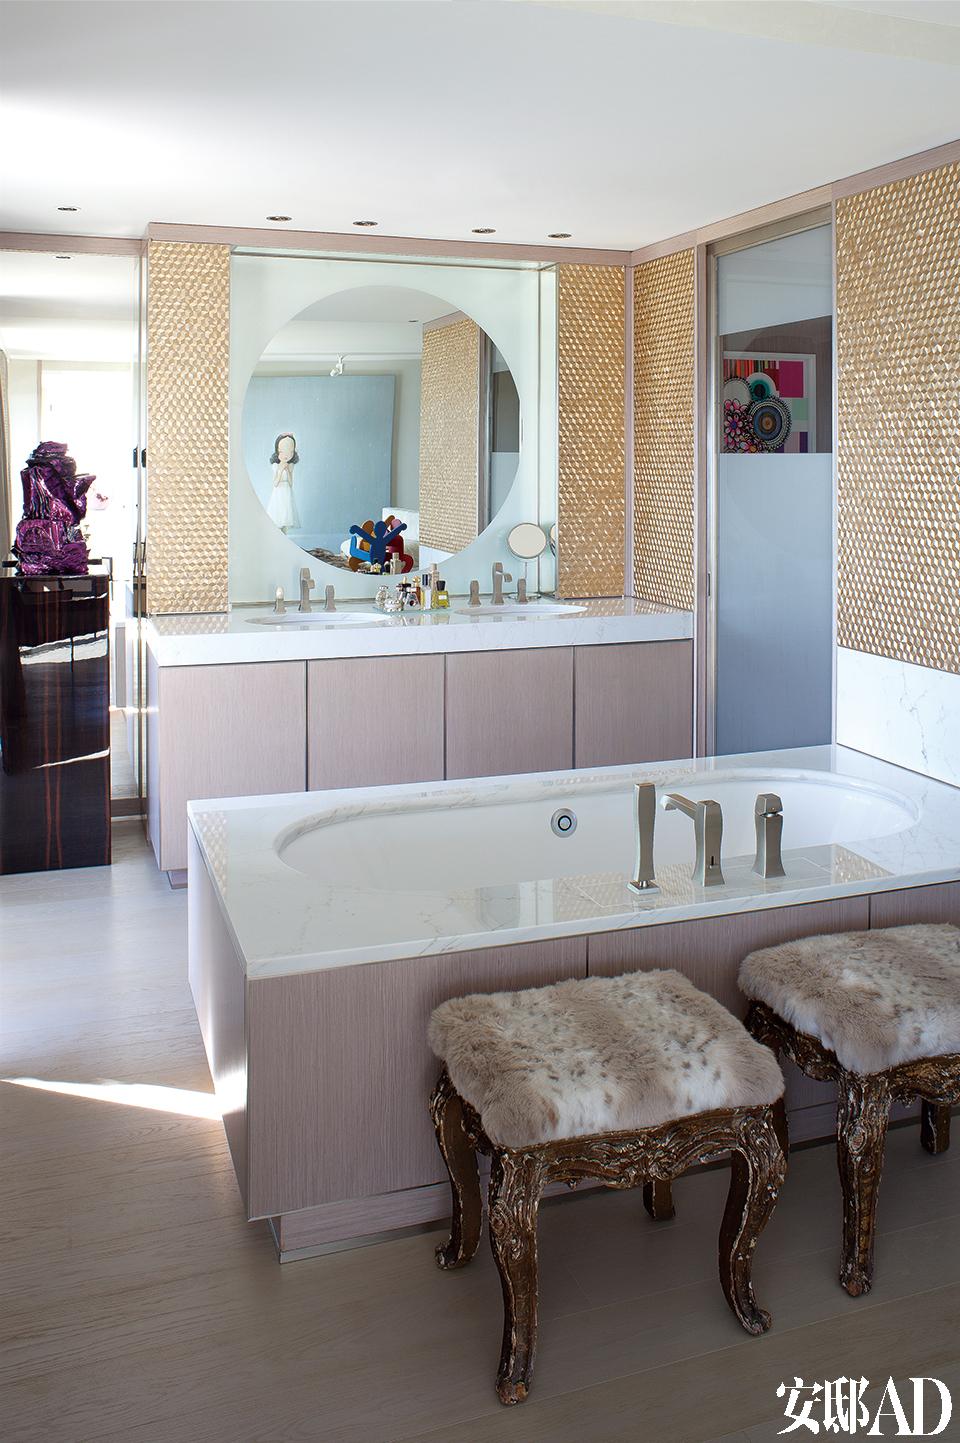 浴室里,Kaldewei浴缸,Gessi水龙头,两个盖满皮毛的Napoléon III墩状软座来自Fabienne的祖母家。墙上覆盖着粉红色金属镶嵌瓷砖。左边可以看见一个出自Anselm Reyle的淡紫色系雕塑,在盥洗盆上方的镜子里面是中国艺术家刘野的作品,在右边的镜子里面,我们依稀能够看见Beatriz Milhazes的作品。